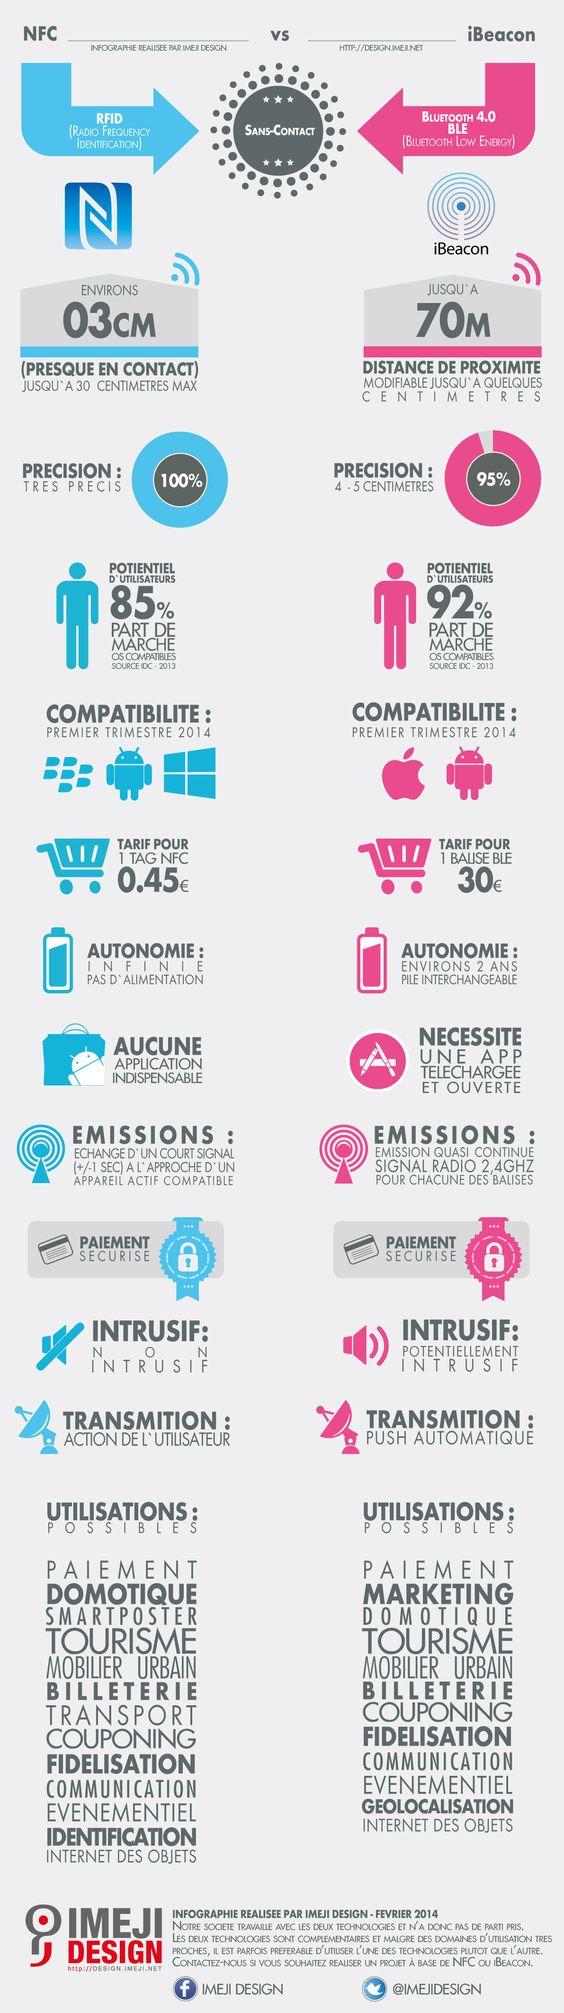 Infographie en français #NFC vs #iBeacon Tout ce que vous devez savoir sur ces deux technos complémentaires #BLE http://design.imeji.net/nfc_ibeacon/nfc_vs_beacon_by_imeji_design.jpg